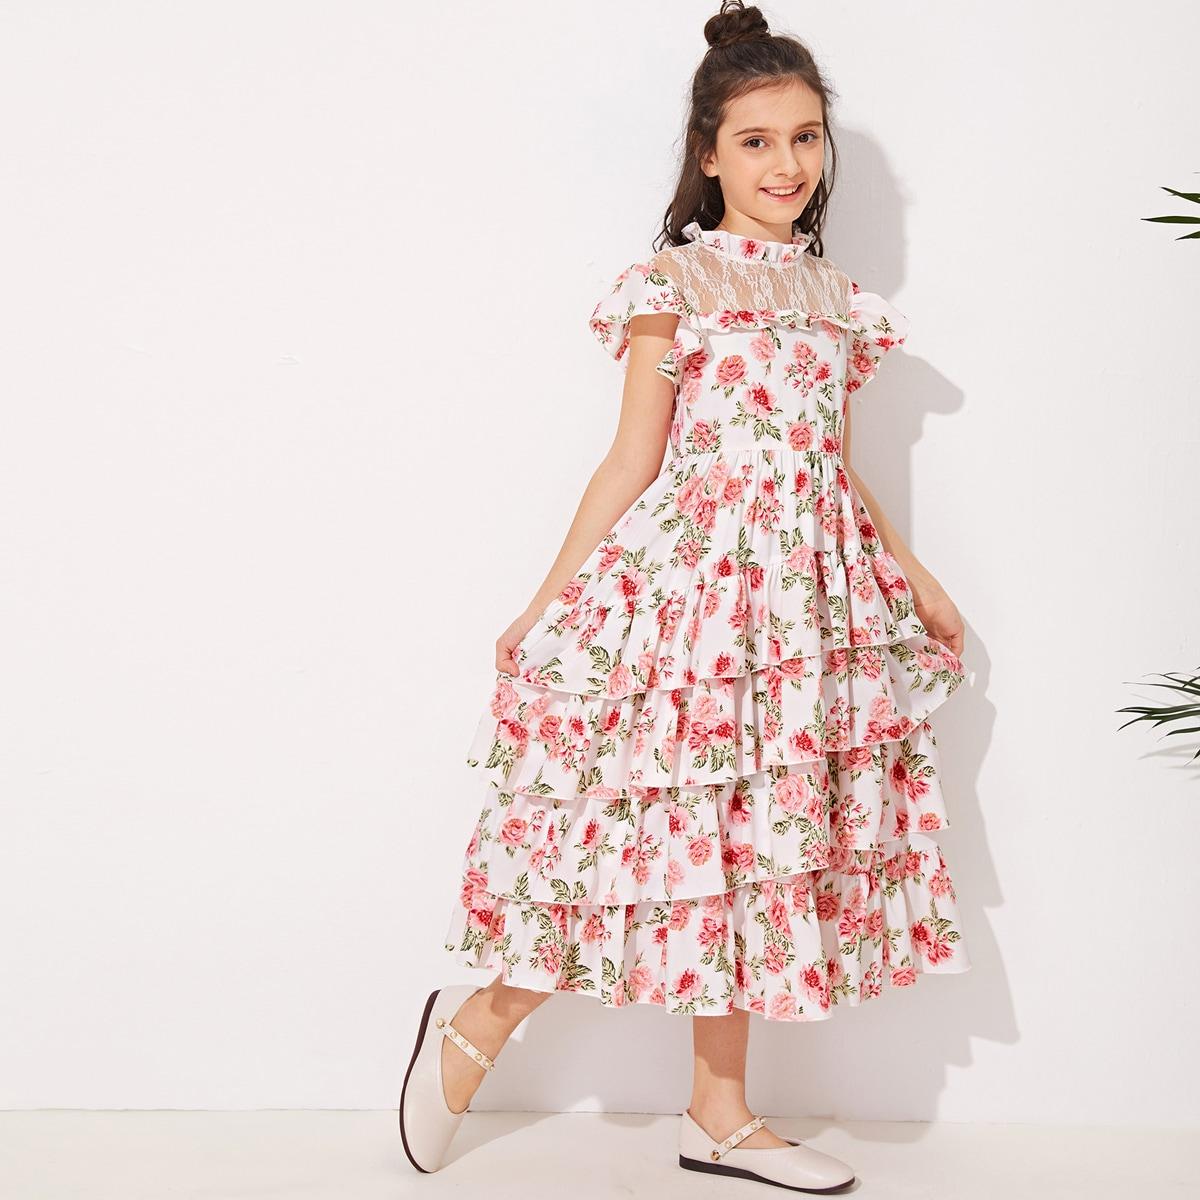 Платье с цветочным принтом, оборками и кружевной отделкой для девочек